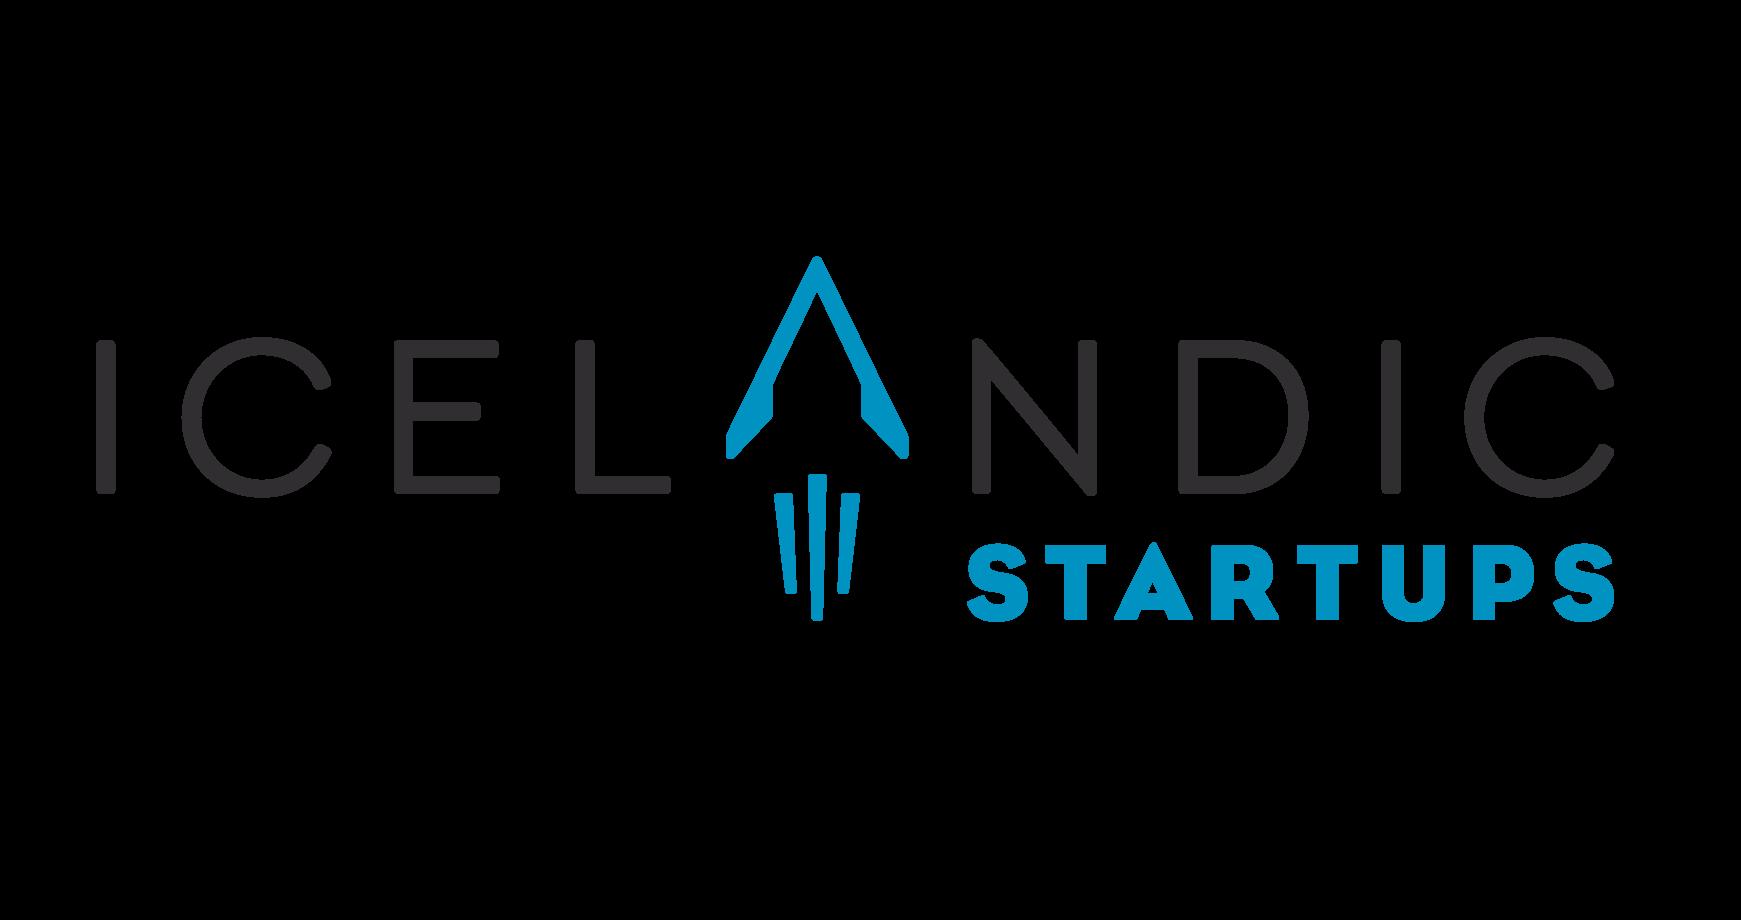 Icelandic_Startups_Logo_RGB.png